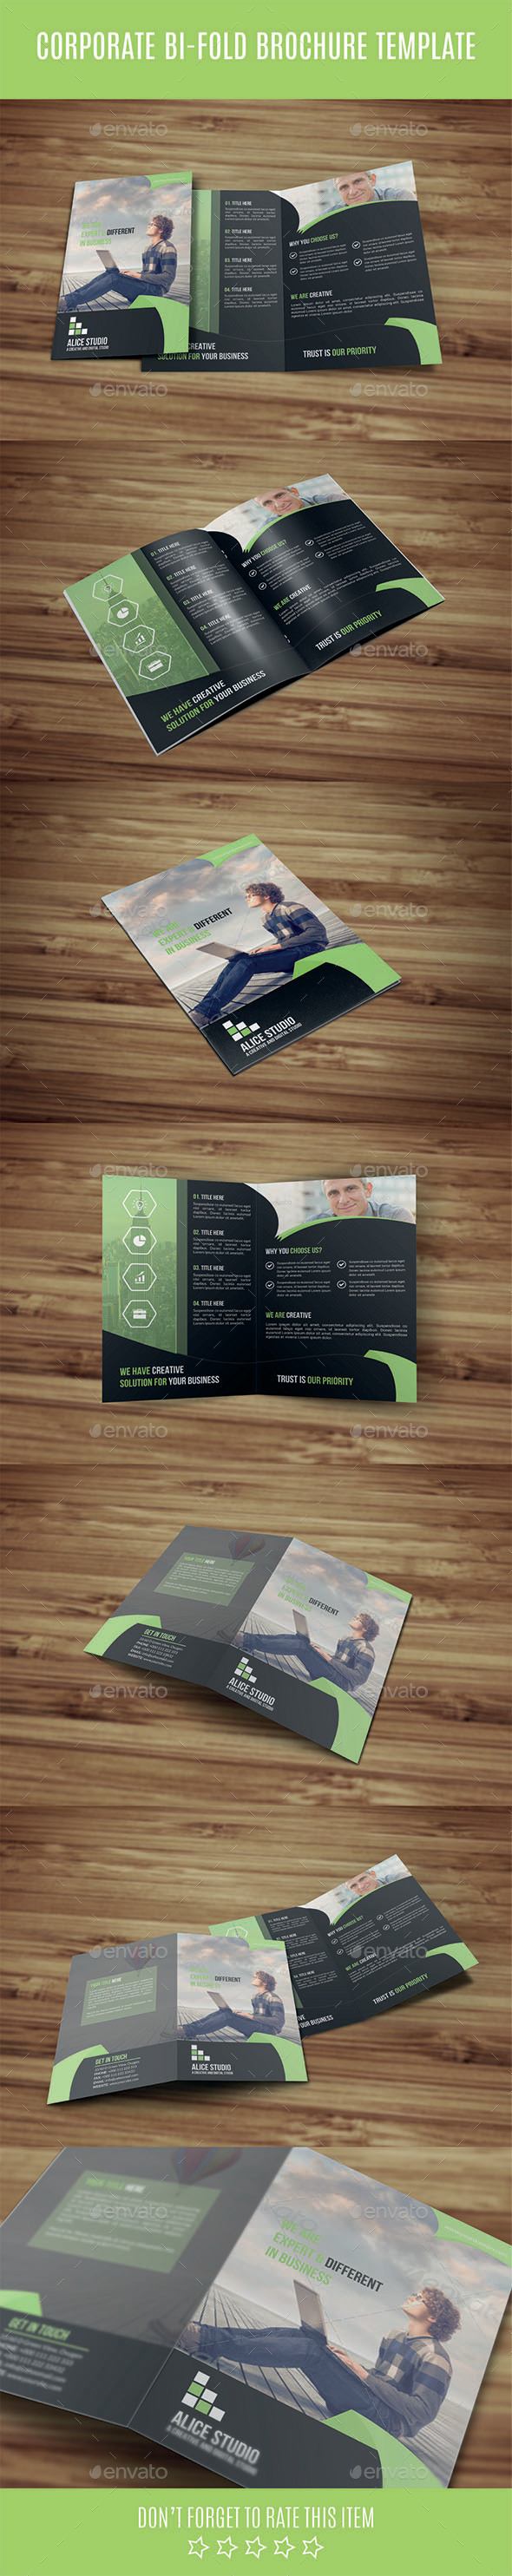 Corporate Bi-Fold Brochure Template - Corporate Brochures